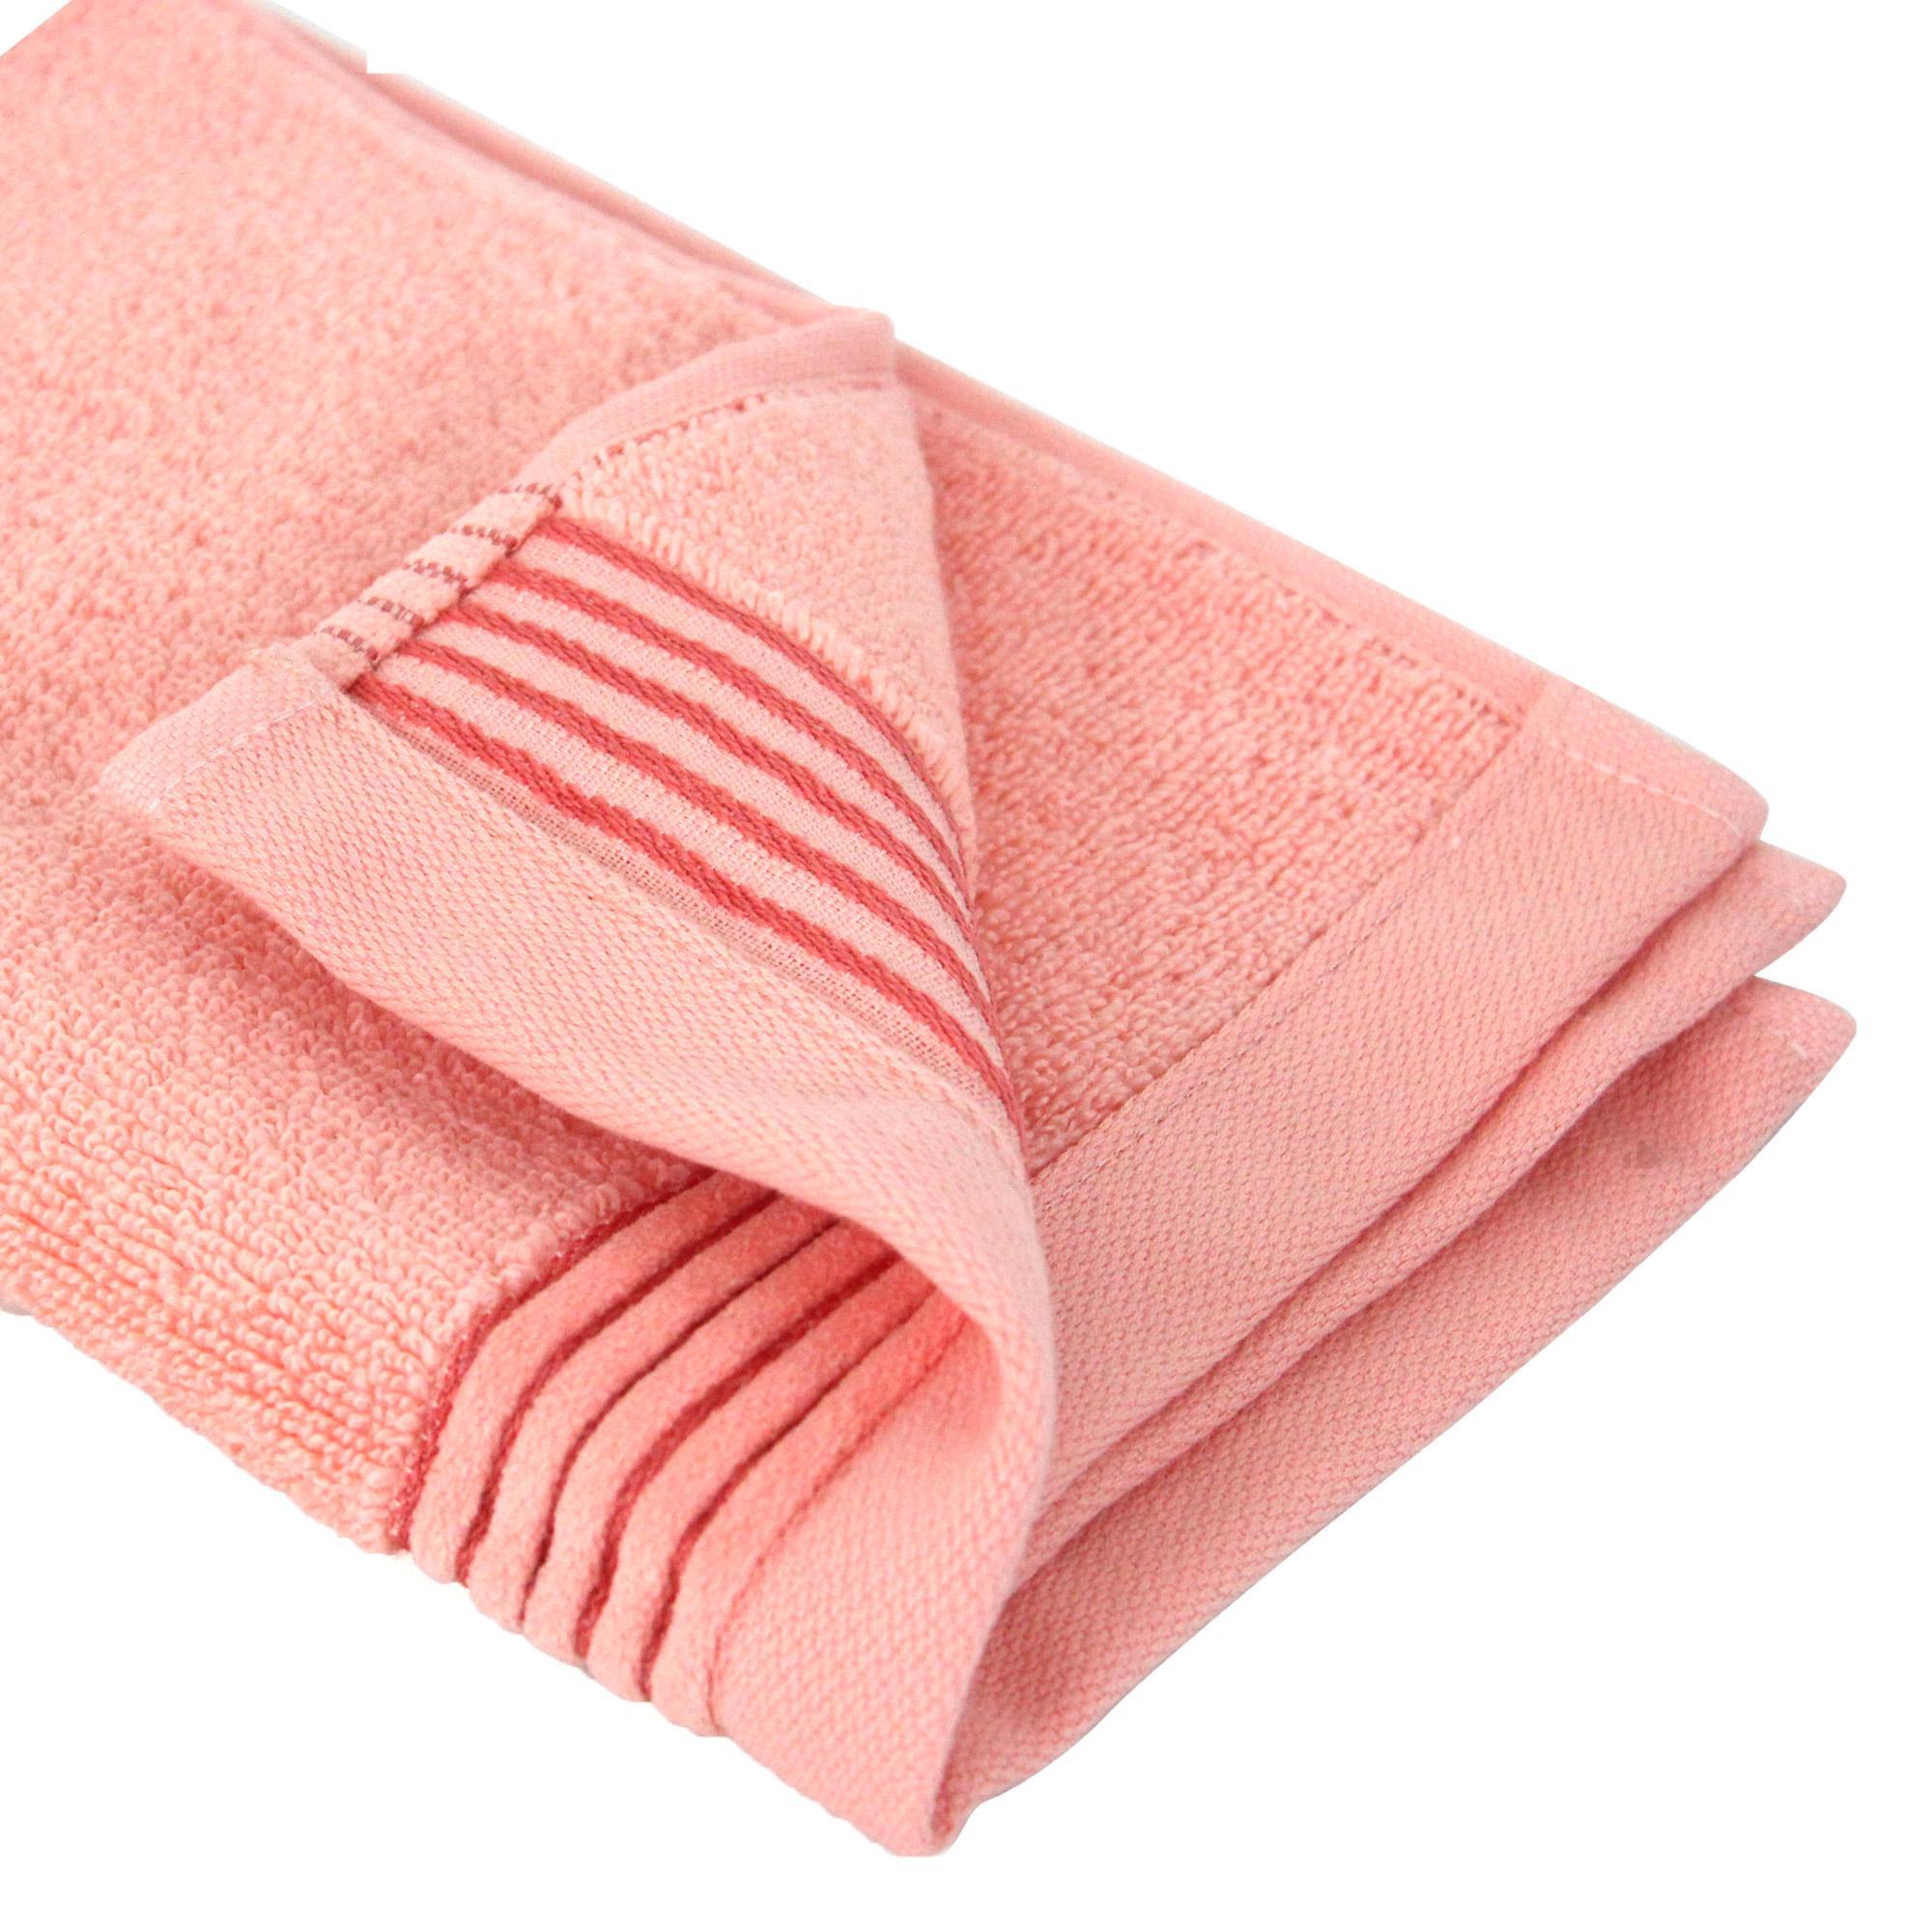 parure de bain 6 pi ces juliet rose bonbon 520 g m2 linnea linge de maison et. Black Bedroom Furniture Sets. Home Design Ideas